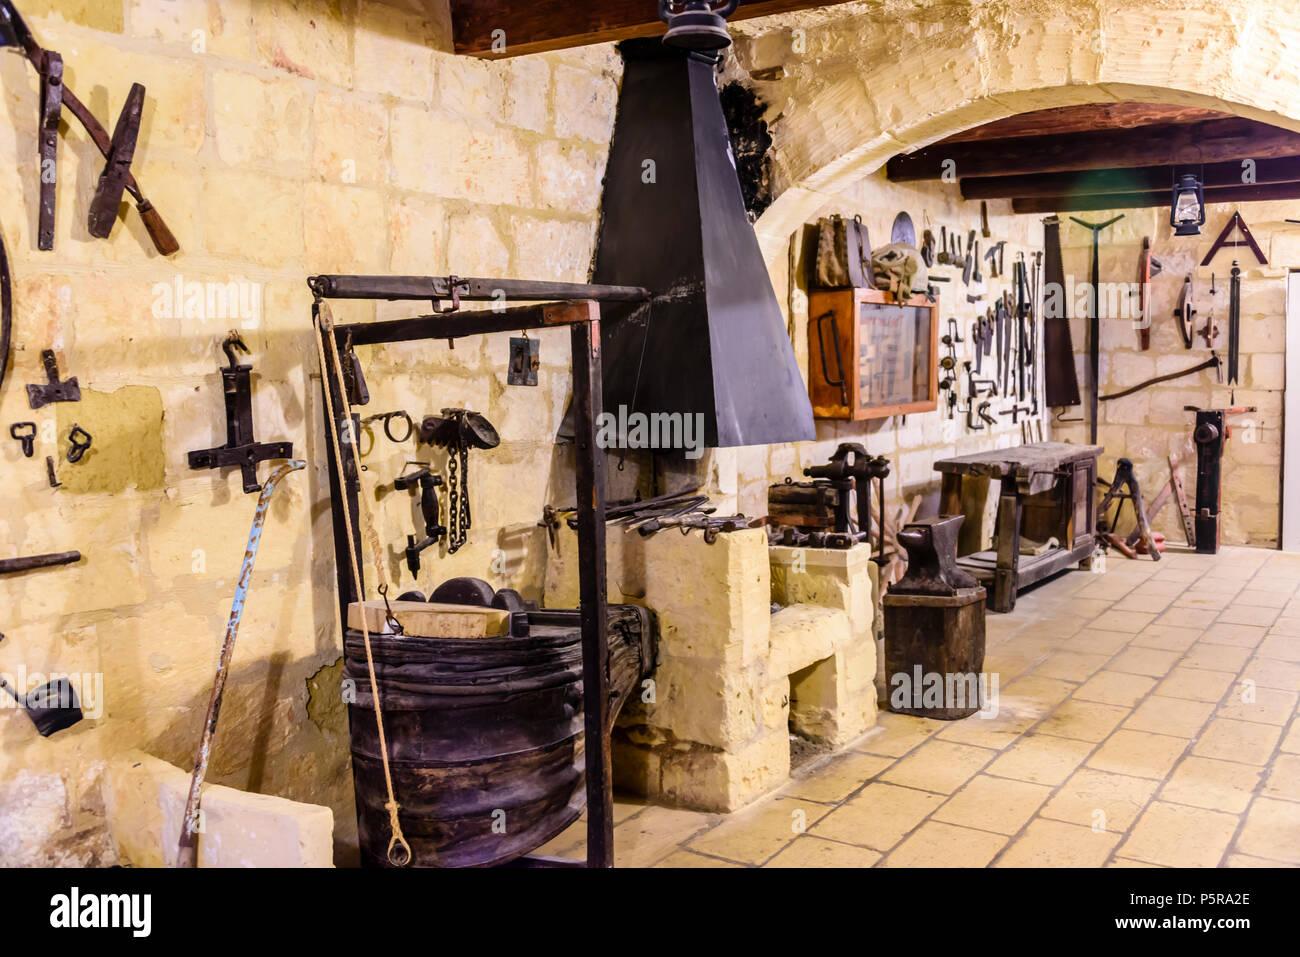 Vieux outils traditionnels accroché sur un mur dans un atelier de travail du bois et du métal. Banque D'Images